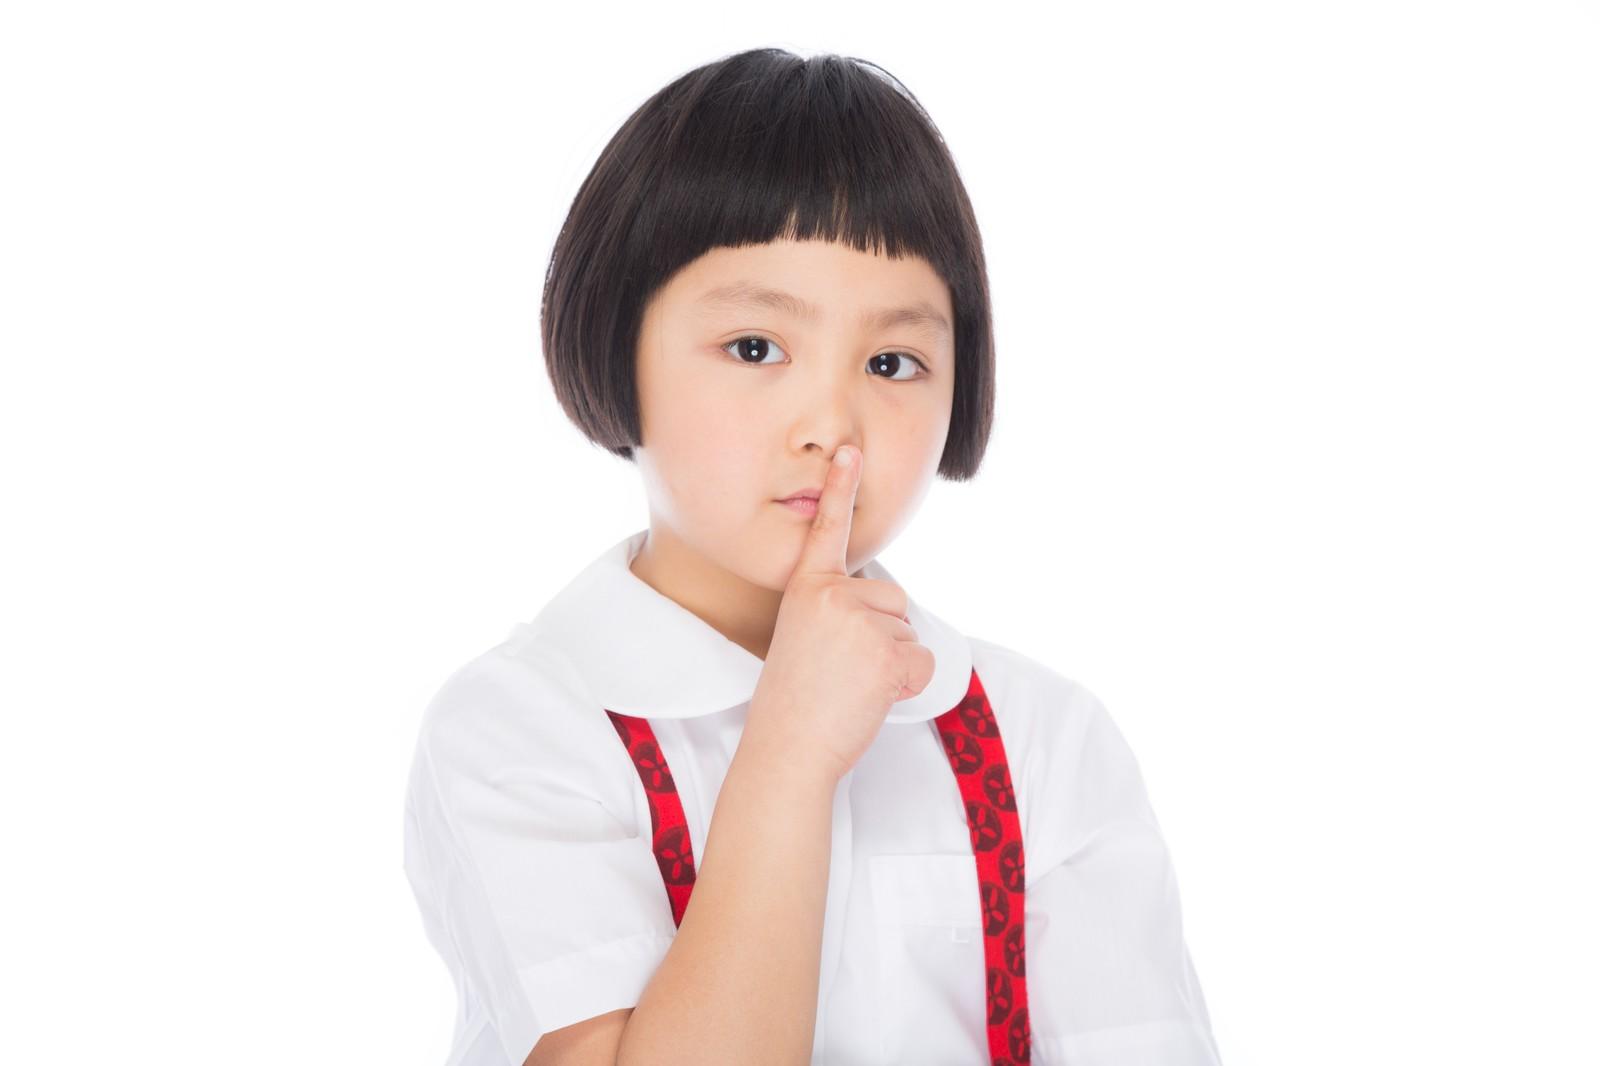 のびのび子育て~おしゃべりな4歳児の困ったエピソード~